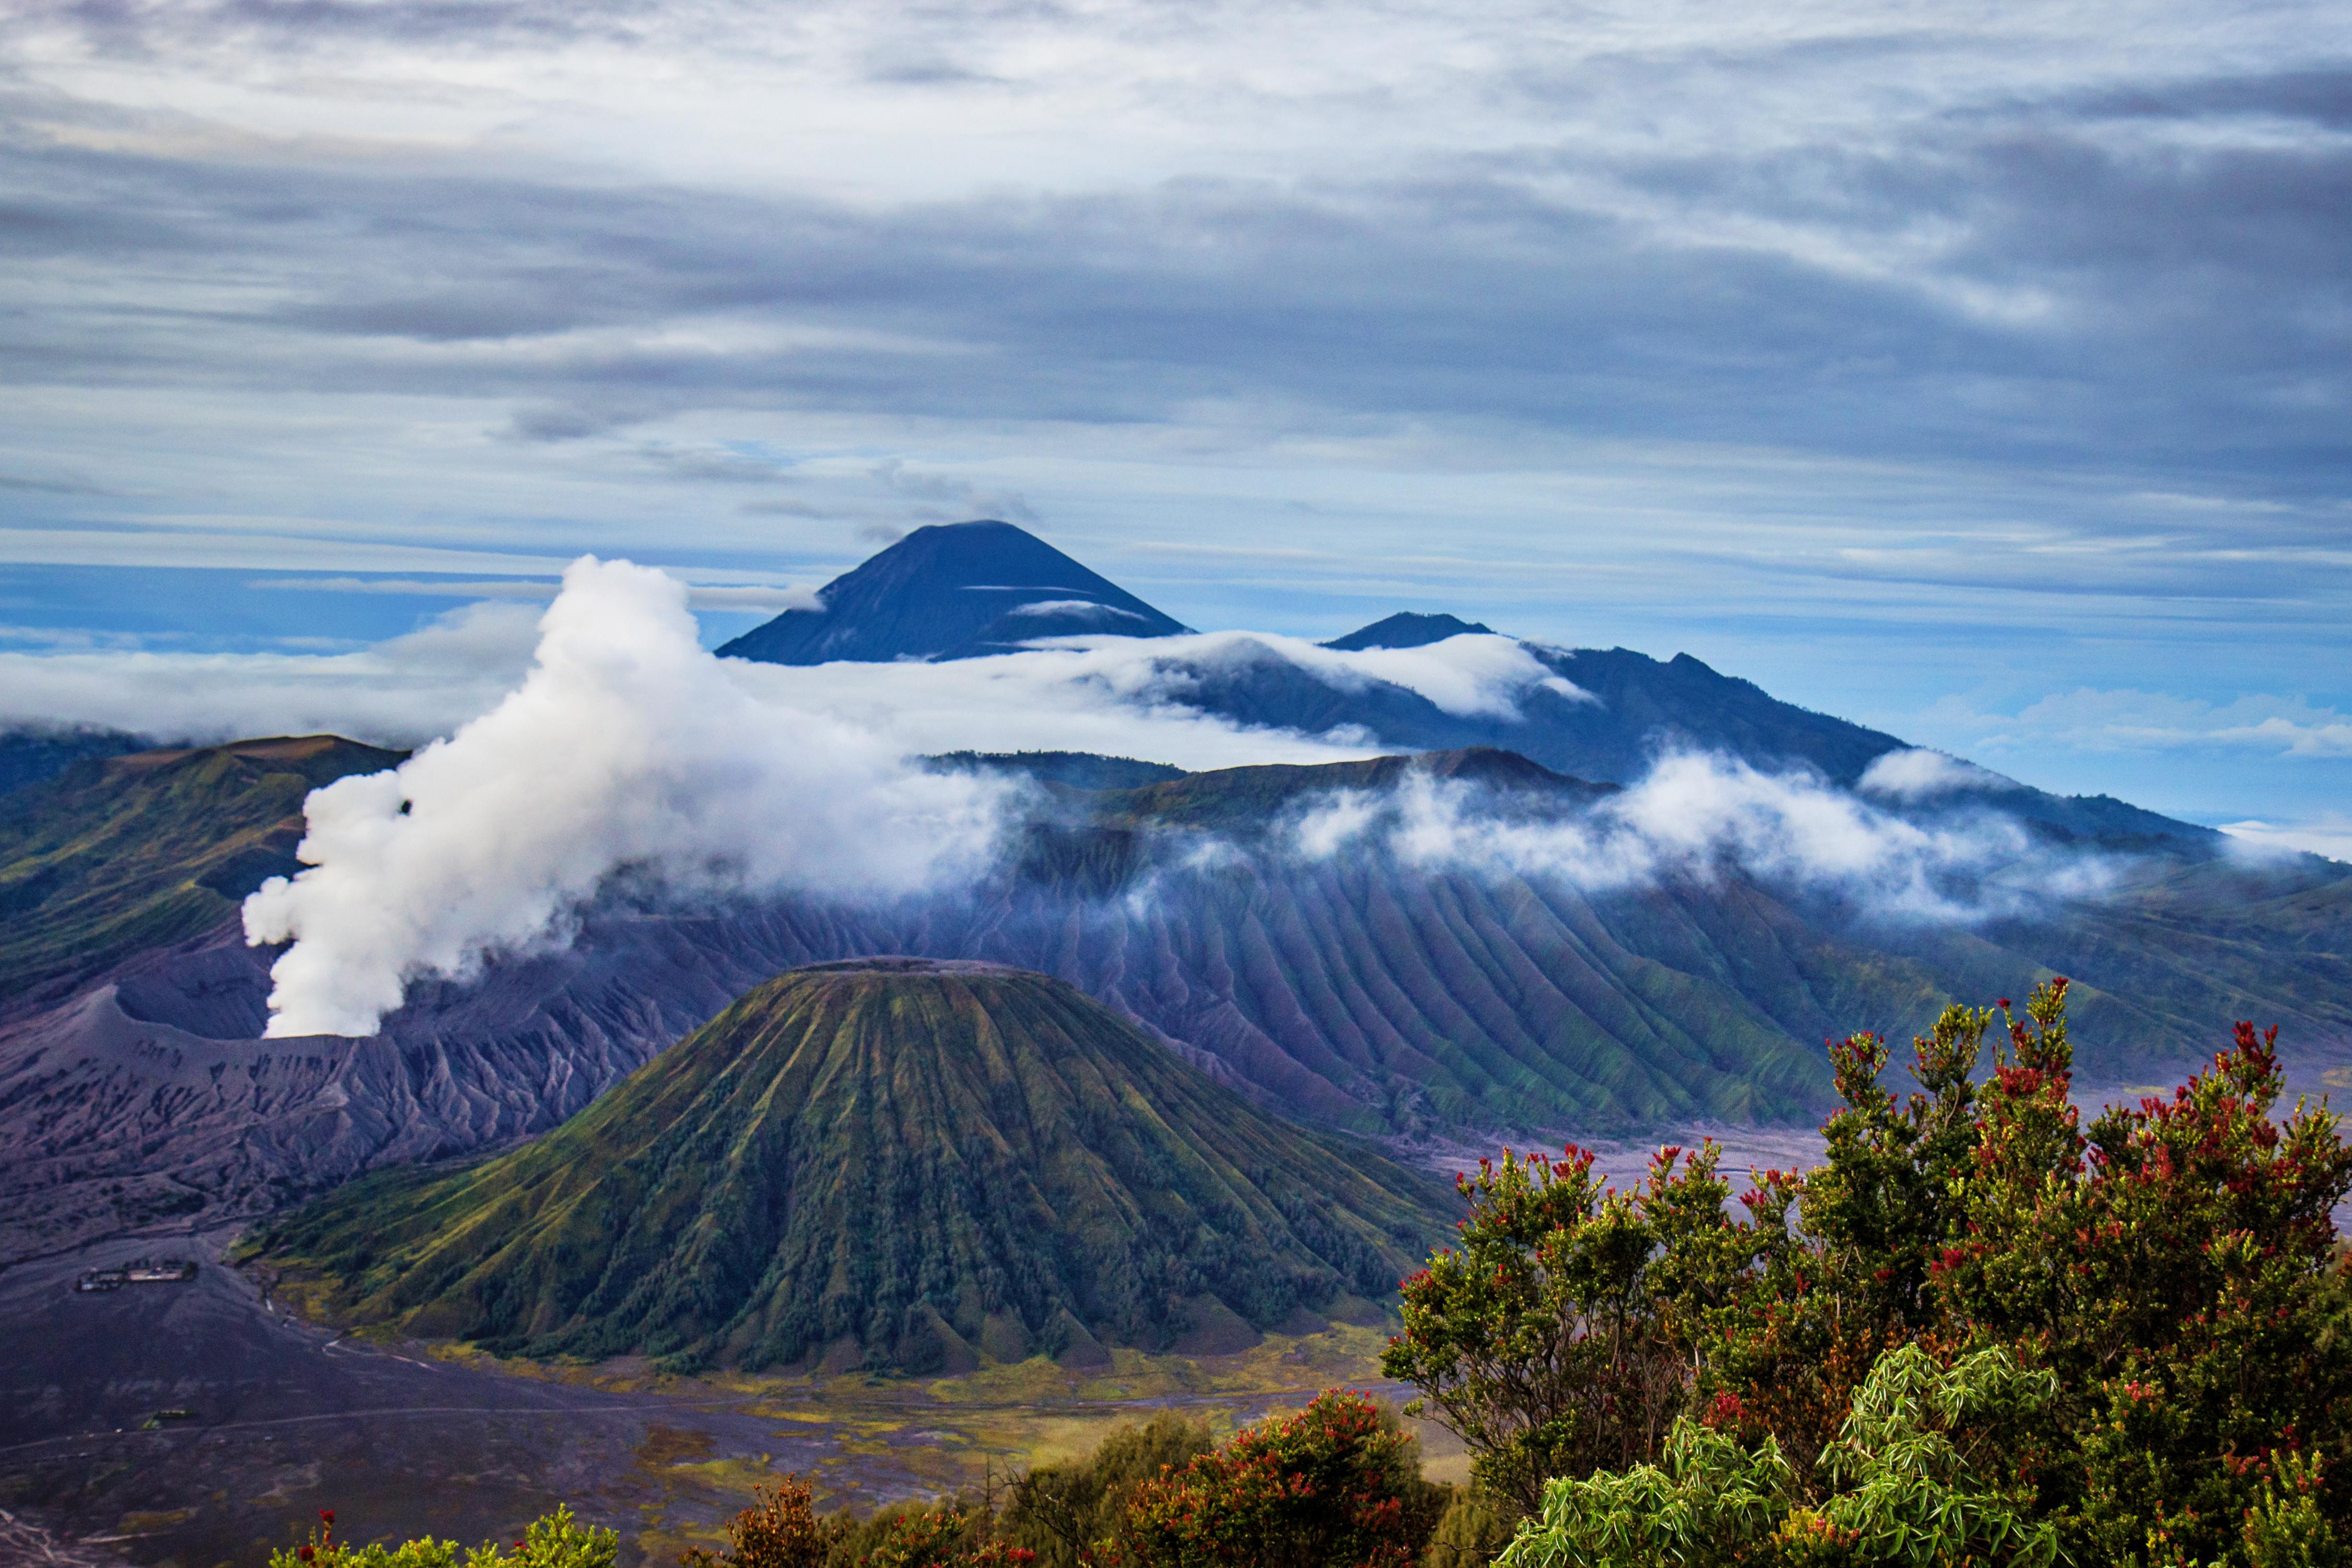 название вулканов и картинки сможете